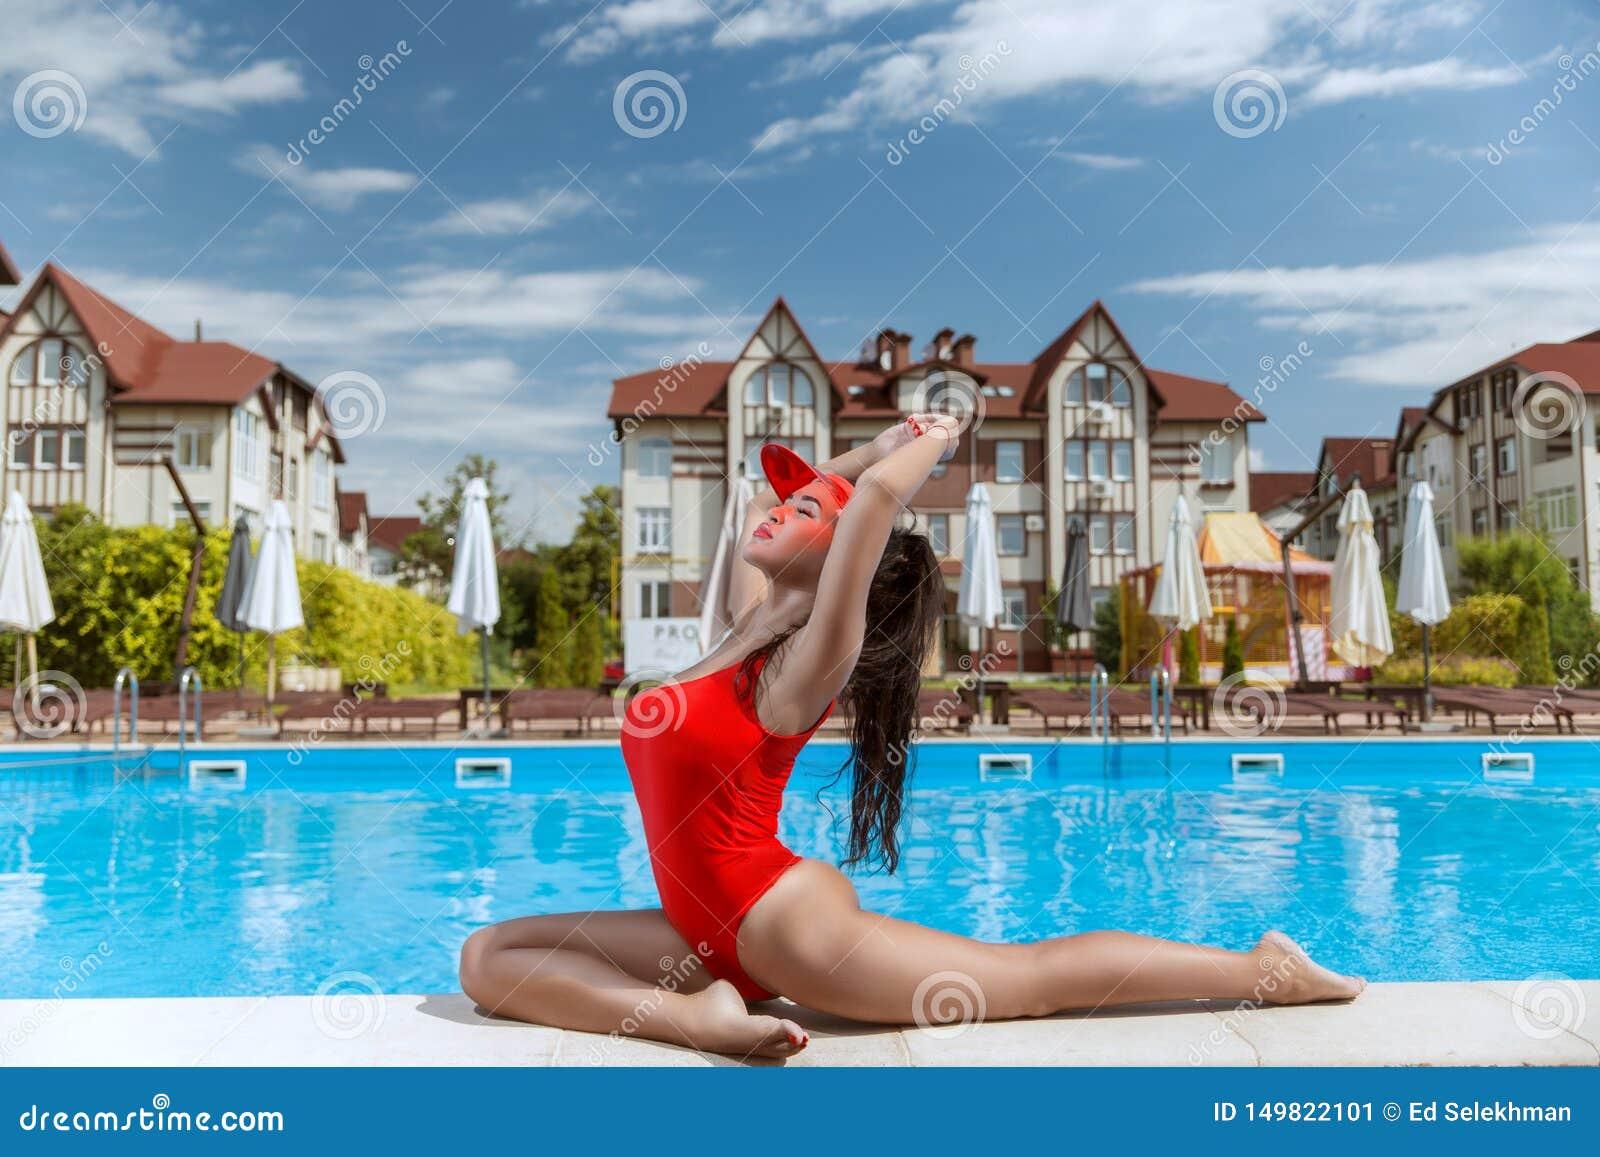 Menina bonita em um maiô vermelho em um hotel bonito perto da associação